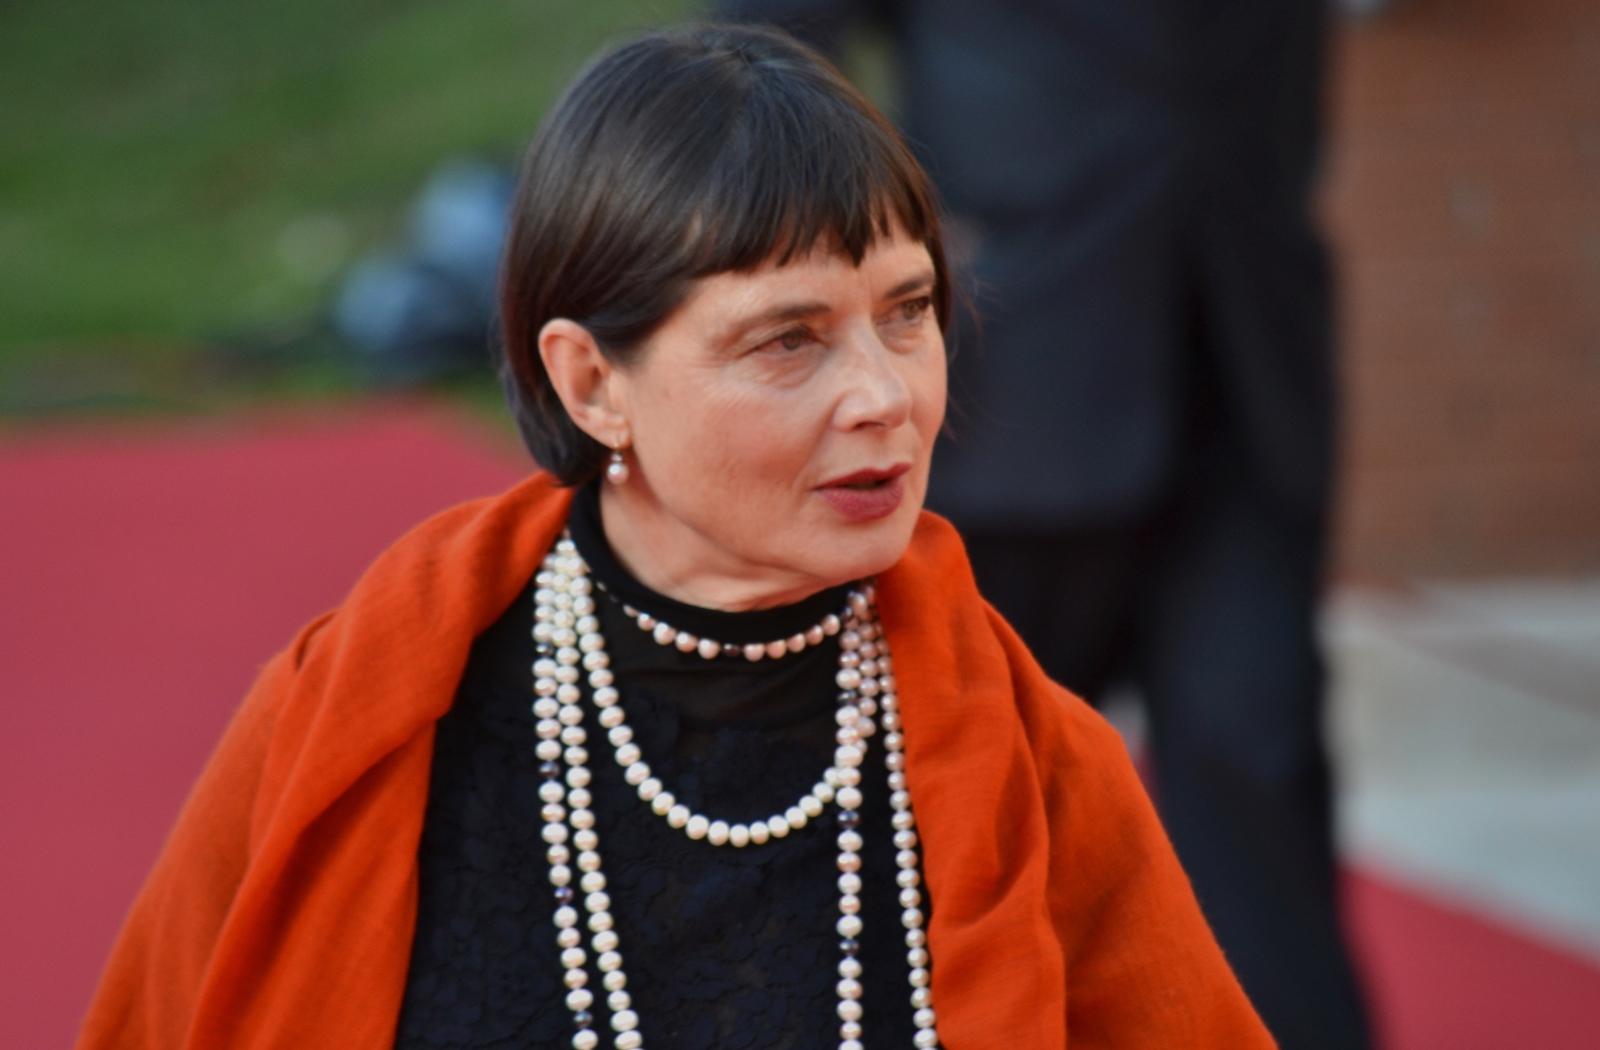 Roma 2015: Isabella Rossellini in uno scatto sul red carpet